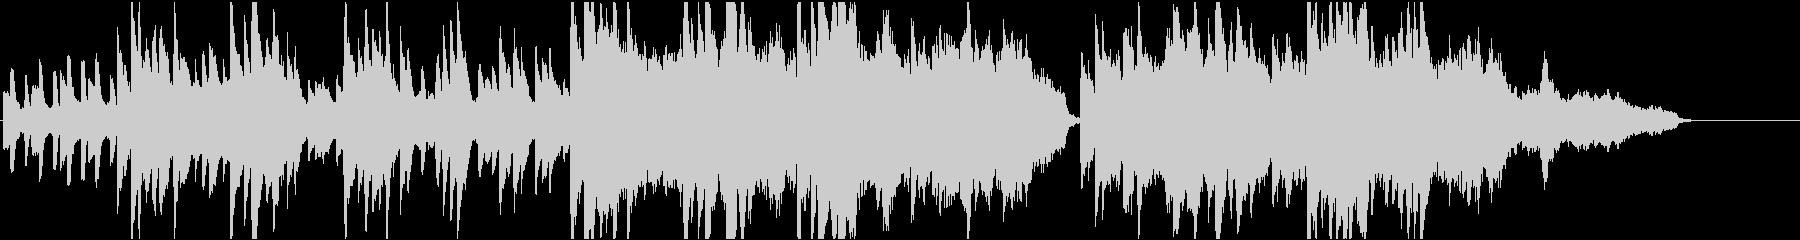 企業VP32 16bit44kHzVerの未再生の波形